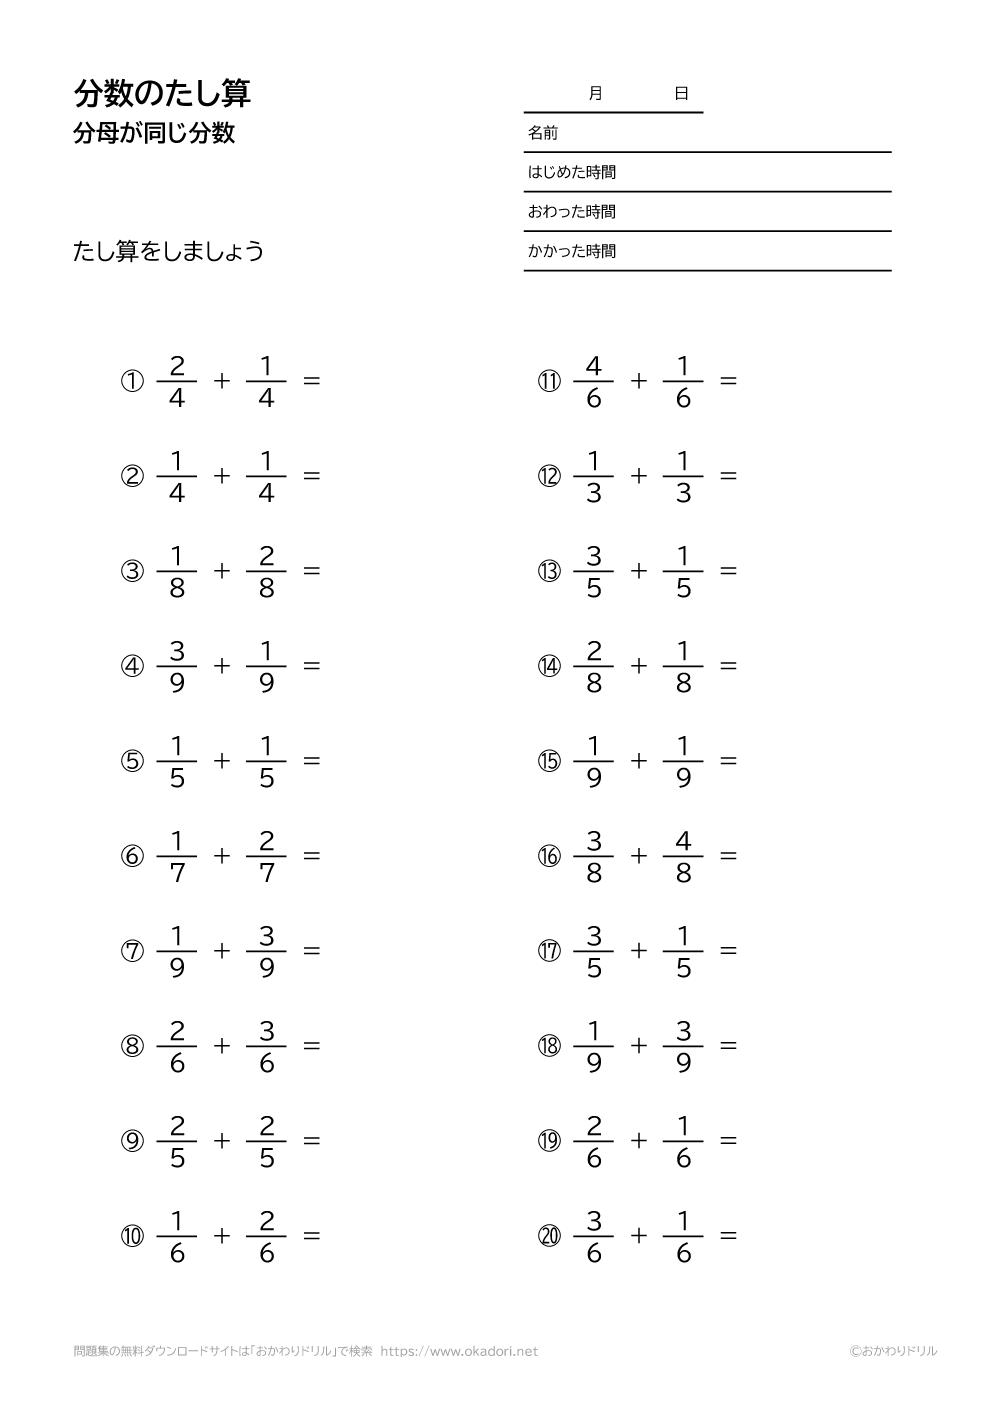 分母が同じ分数の足し算3